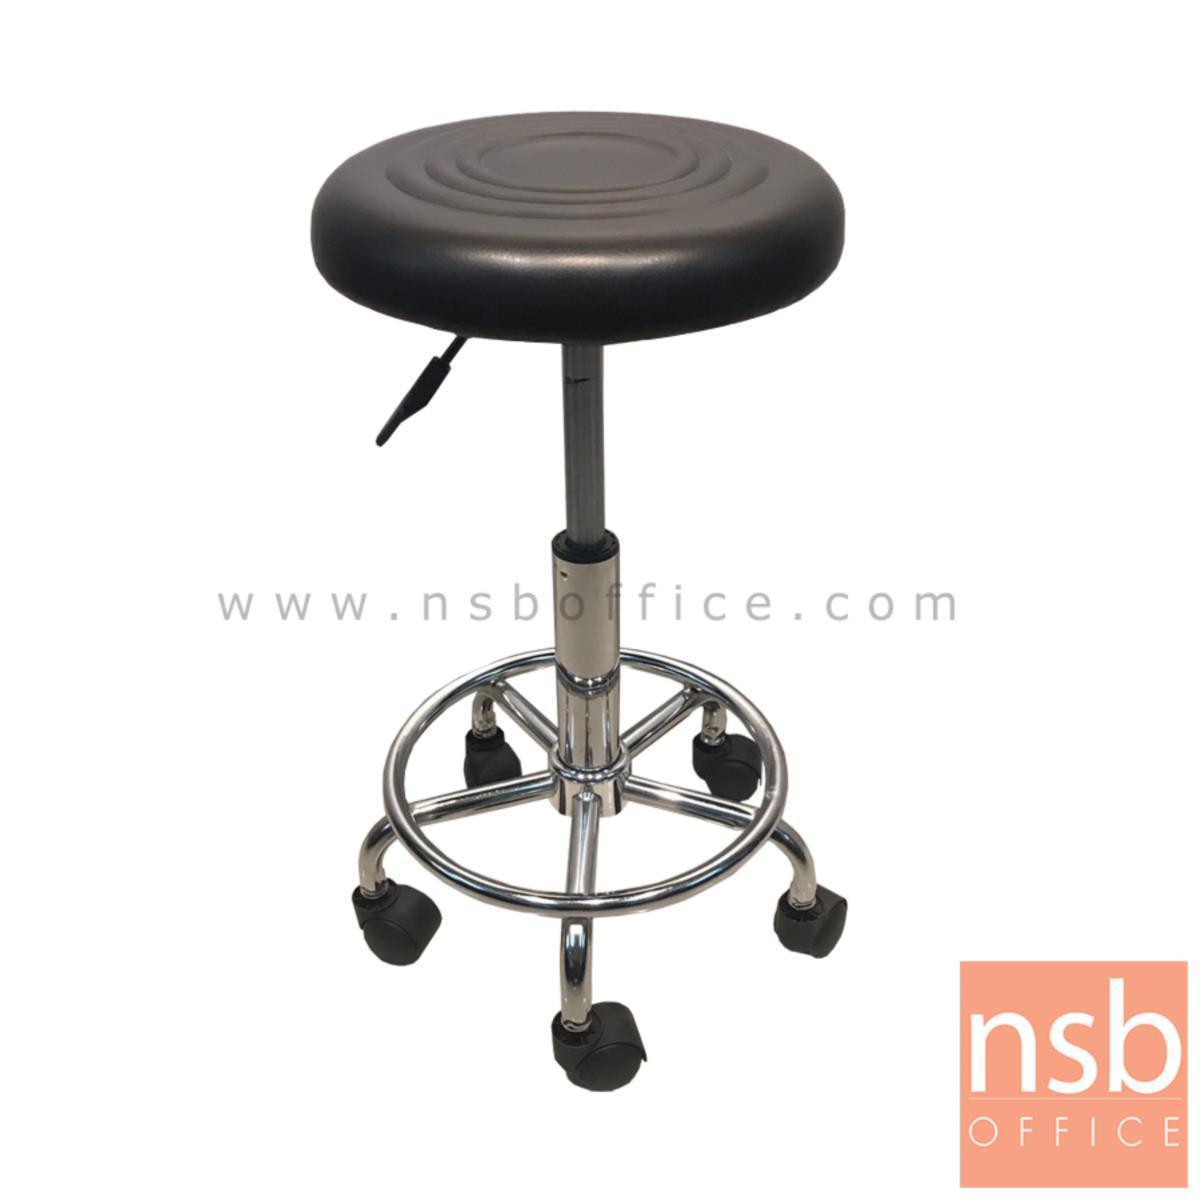 B18A019:เก้าอี้บาร์สตูลกลมล้อเลื่อน สีดำ รุ่น Balrog (บัลร็อก)  โช๊คแก๊ส ขาเหล็กชุบโครเมี่ยม